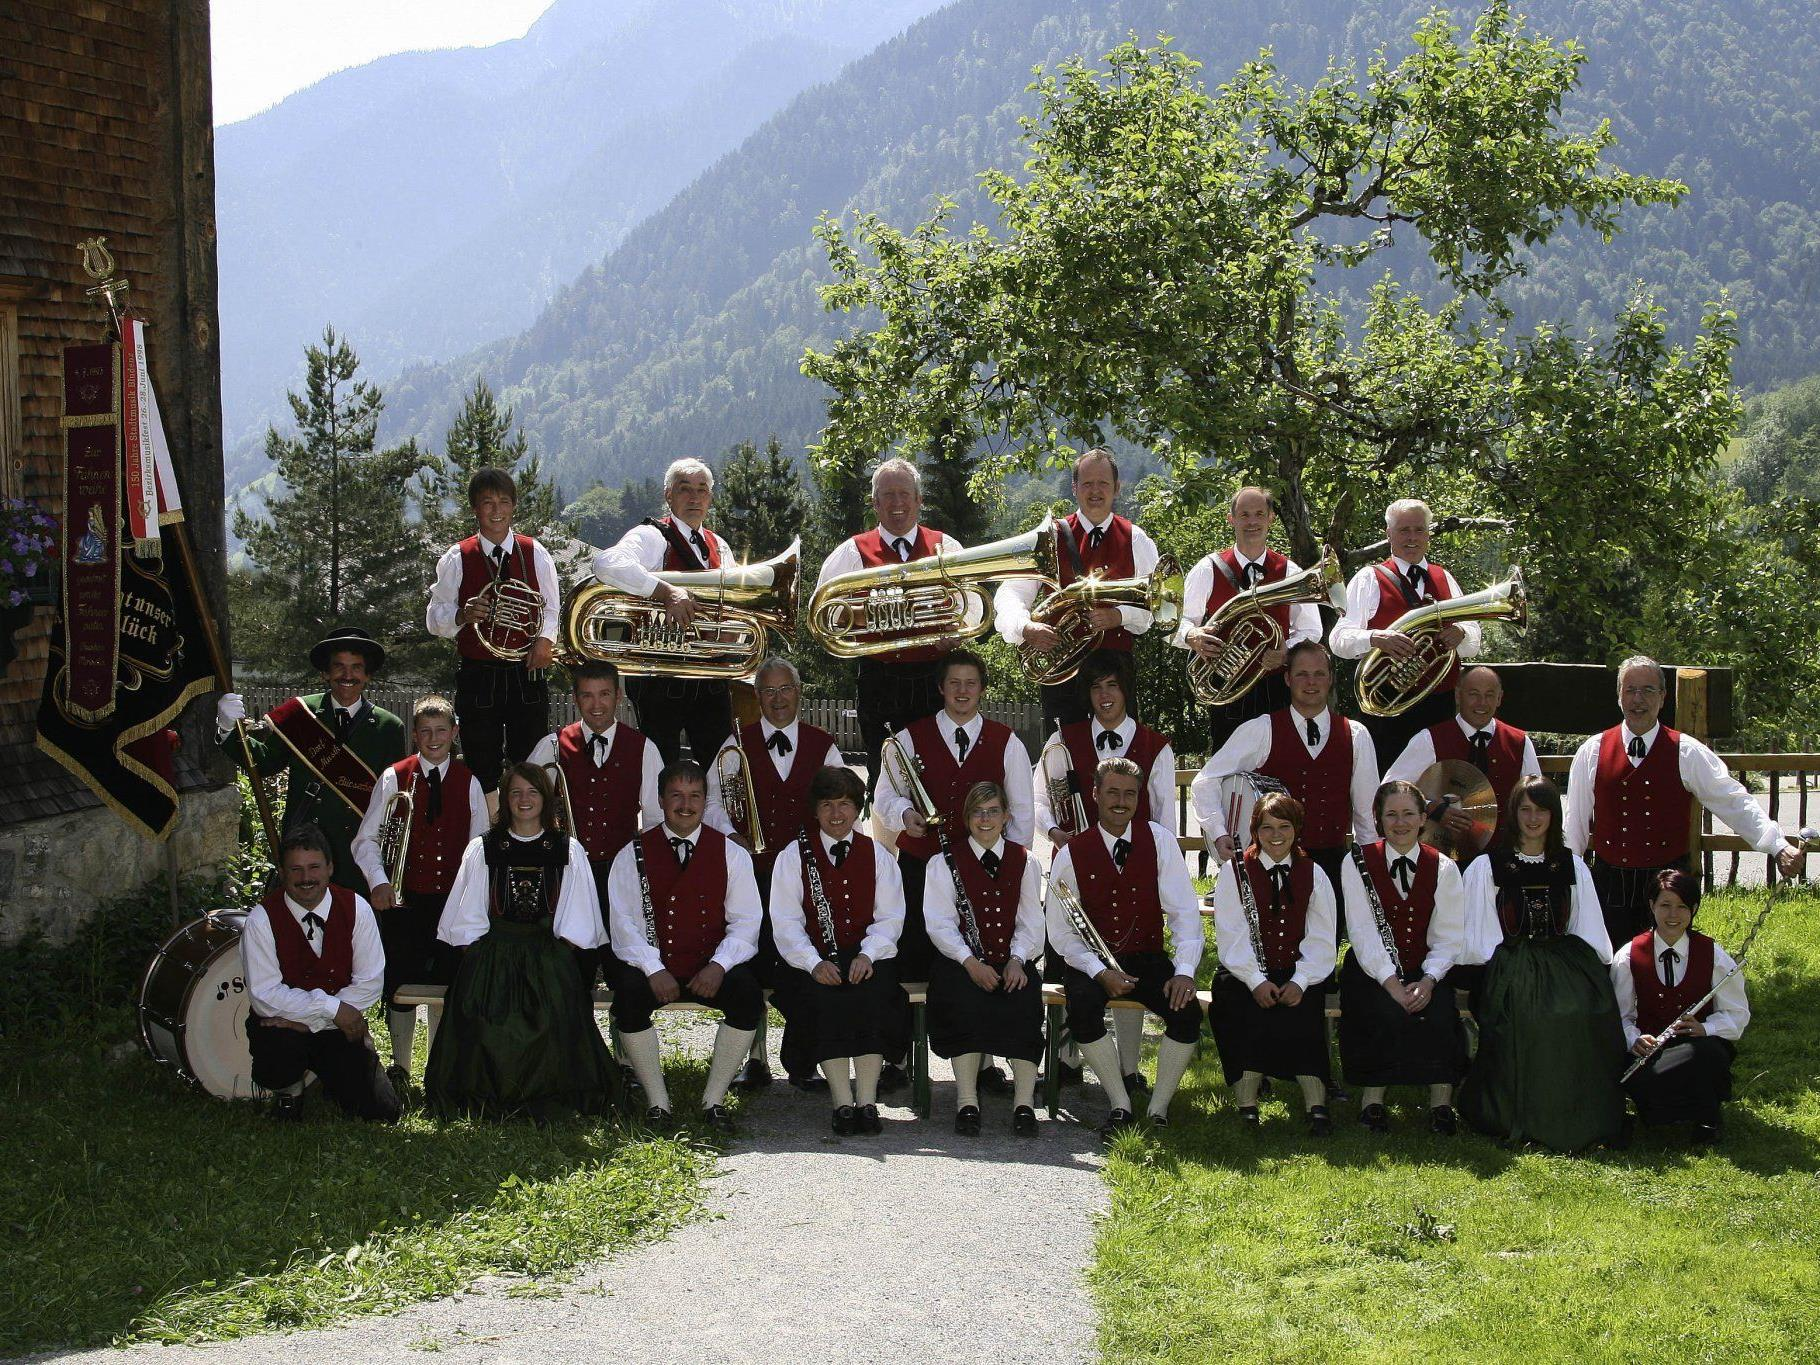 Dorfmusik - zu Pfingsten in neuer Frauentracht